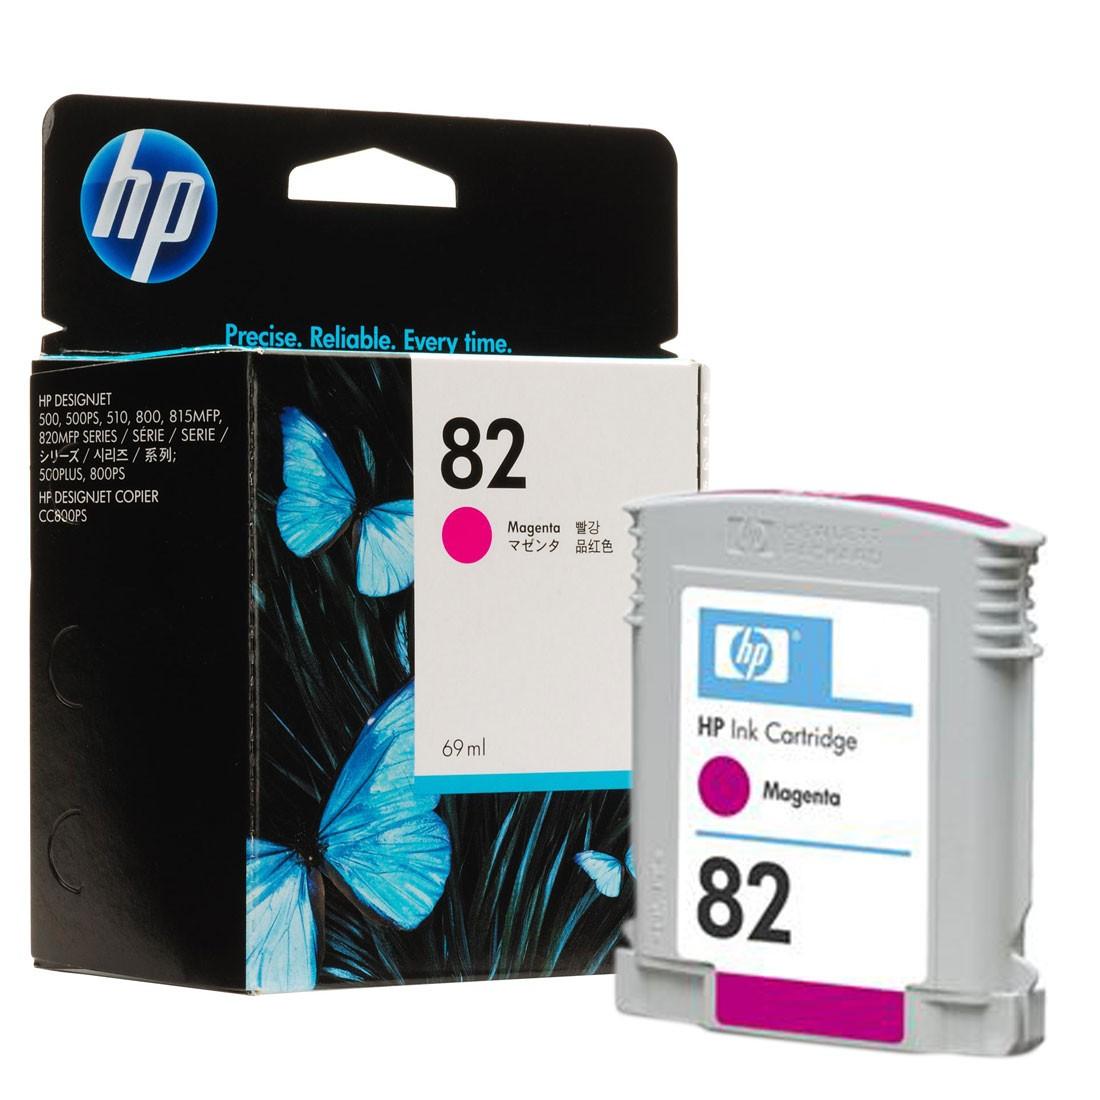 Mực hộp máy in phun HP C4912A - Dùng cho máy in DSJ 10ps, 20ps, 50ps, 120 series, 500 series, 800 series